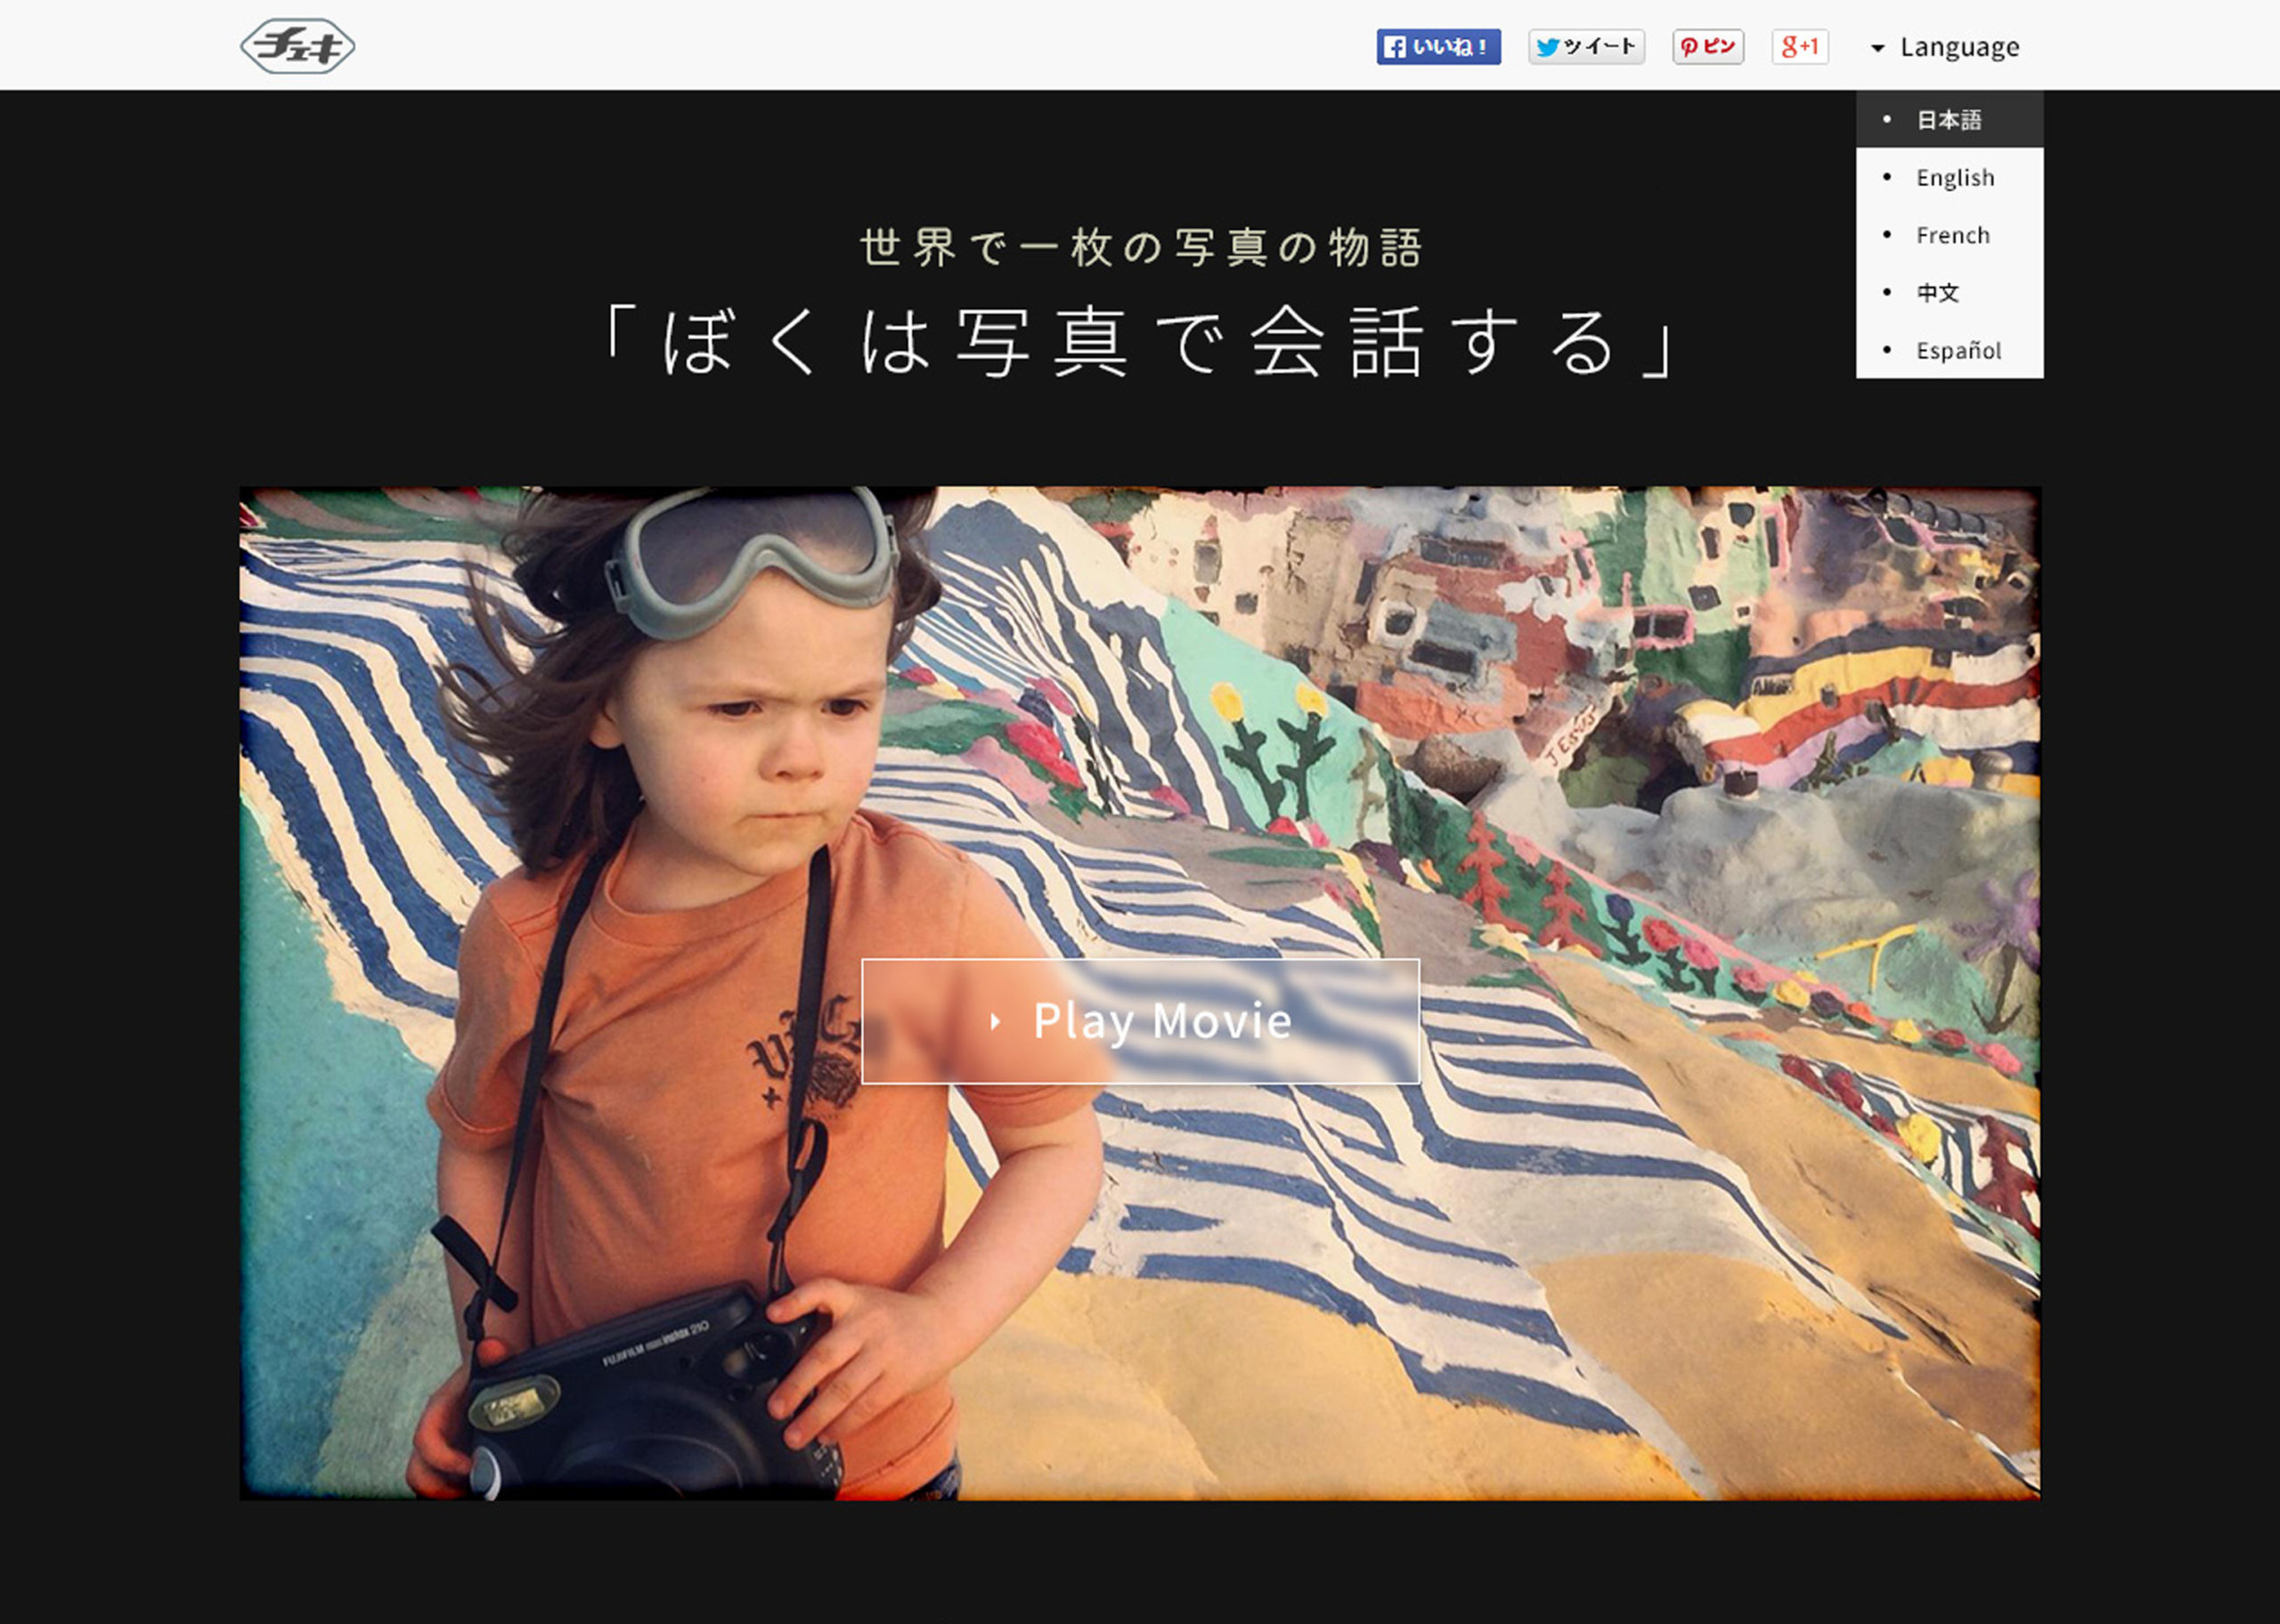 FUJIFILM instax チェキ ブランドコンセプト グローバルサイト